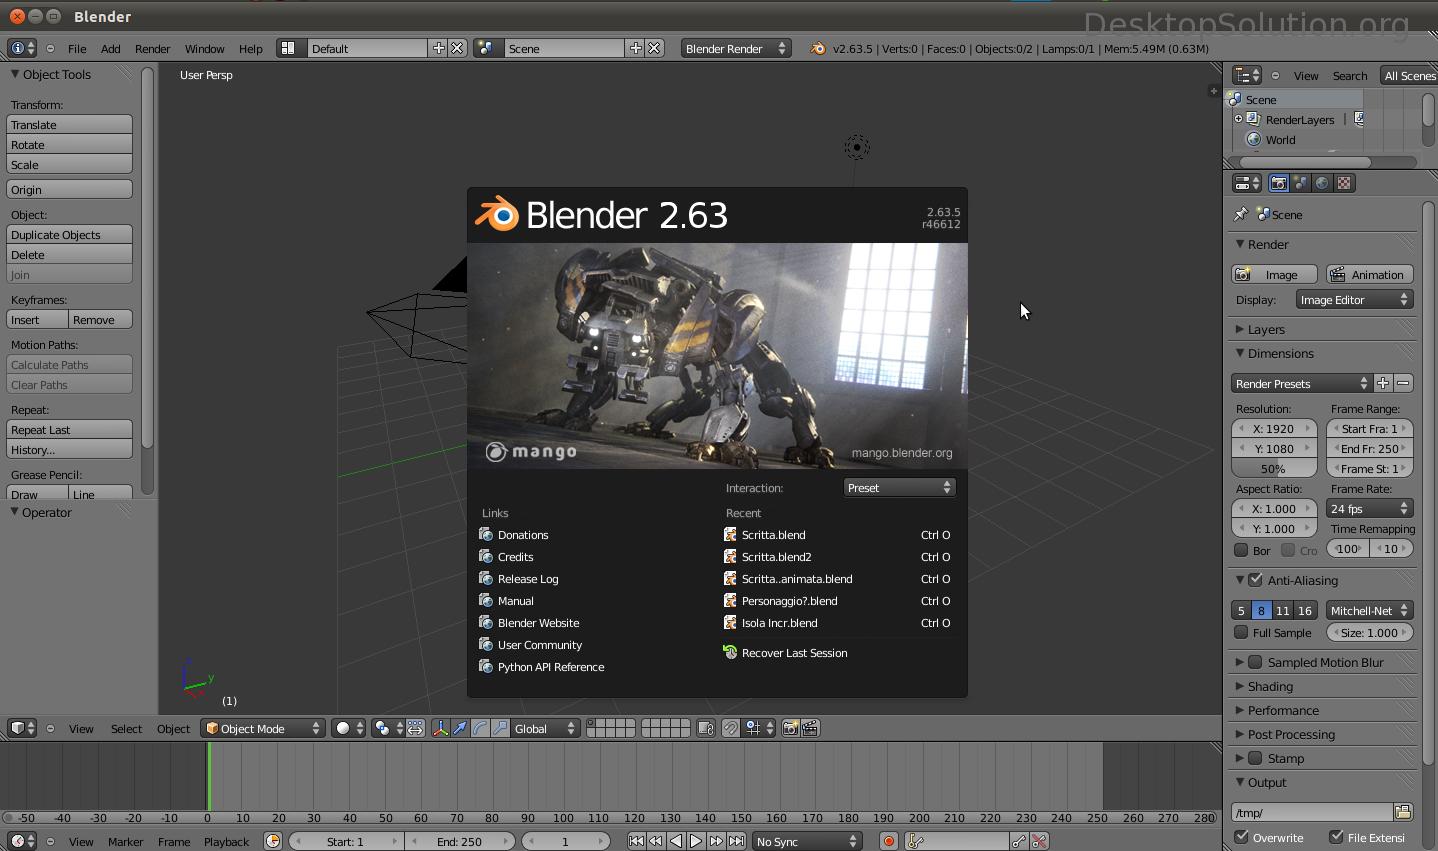 Blender 2.63 - Linux